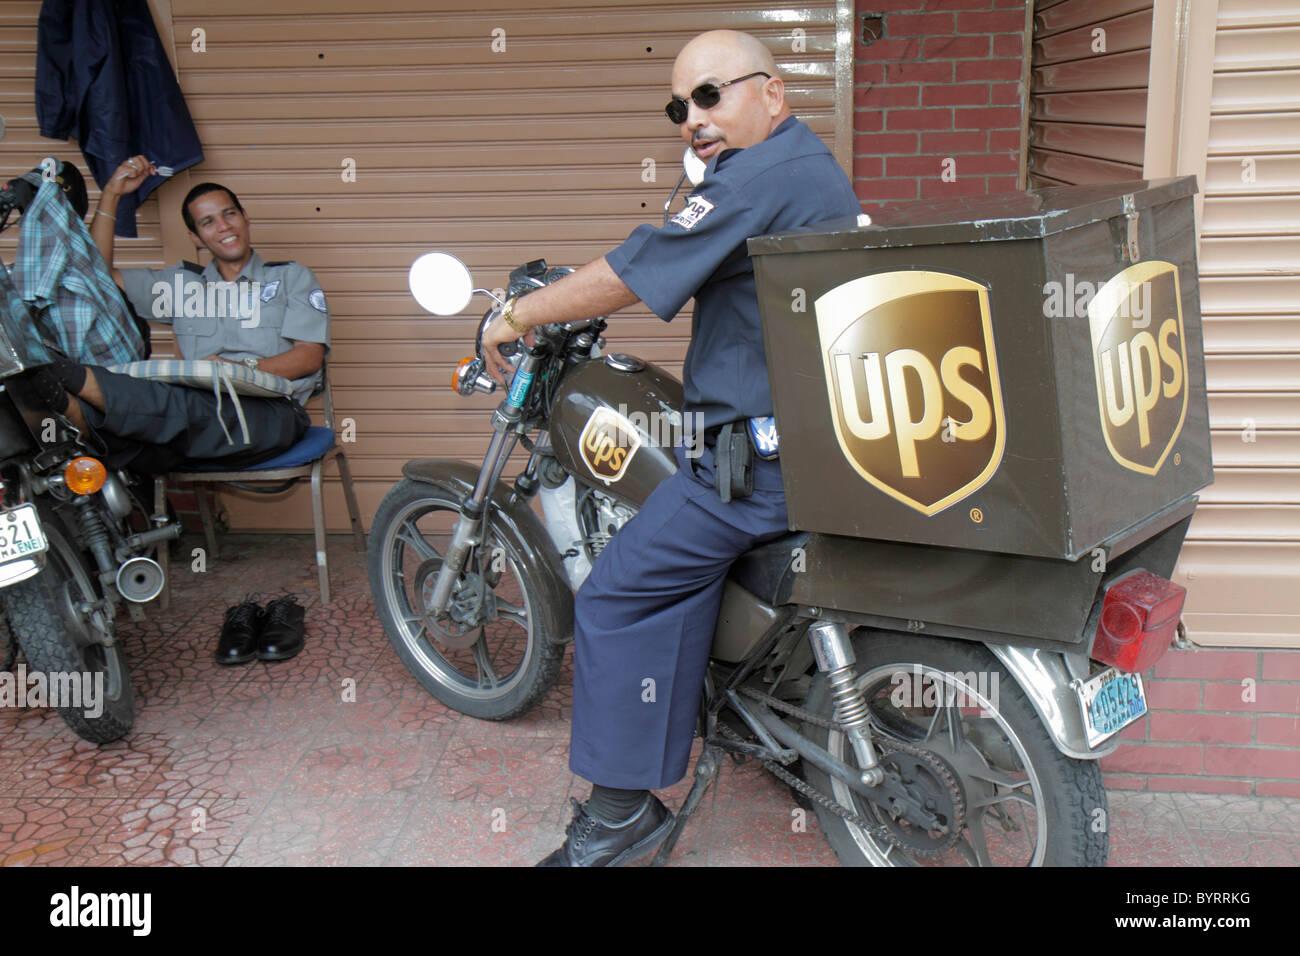 Città di Panama Panama Bella Vista UPS United Parcel Service pacchetto corriere consegna Spese di spedizione Immagini Stock